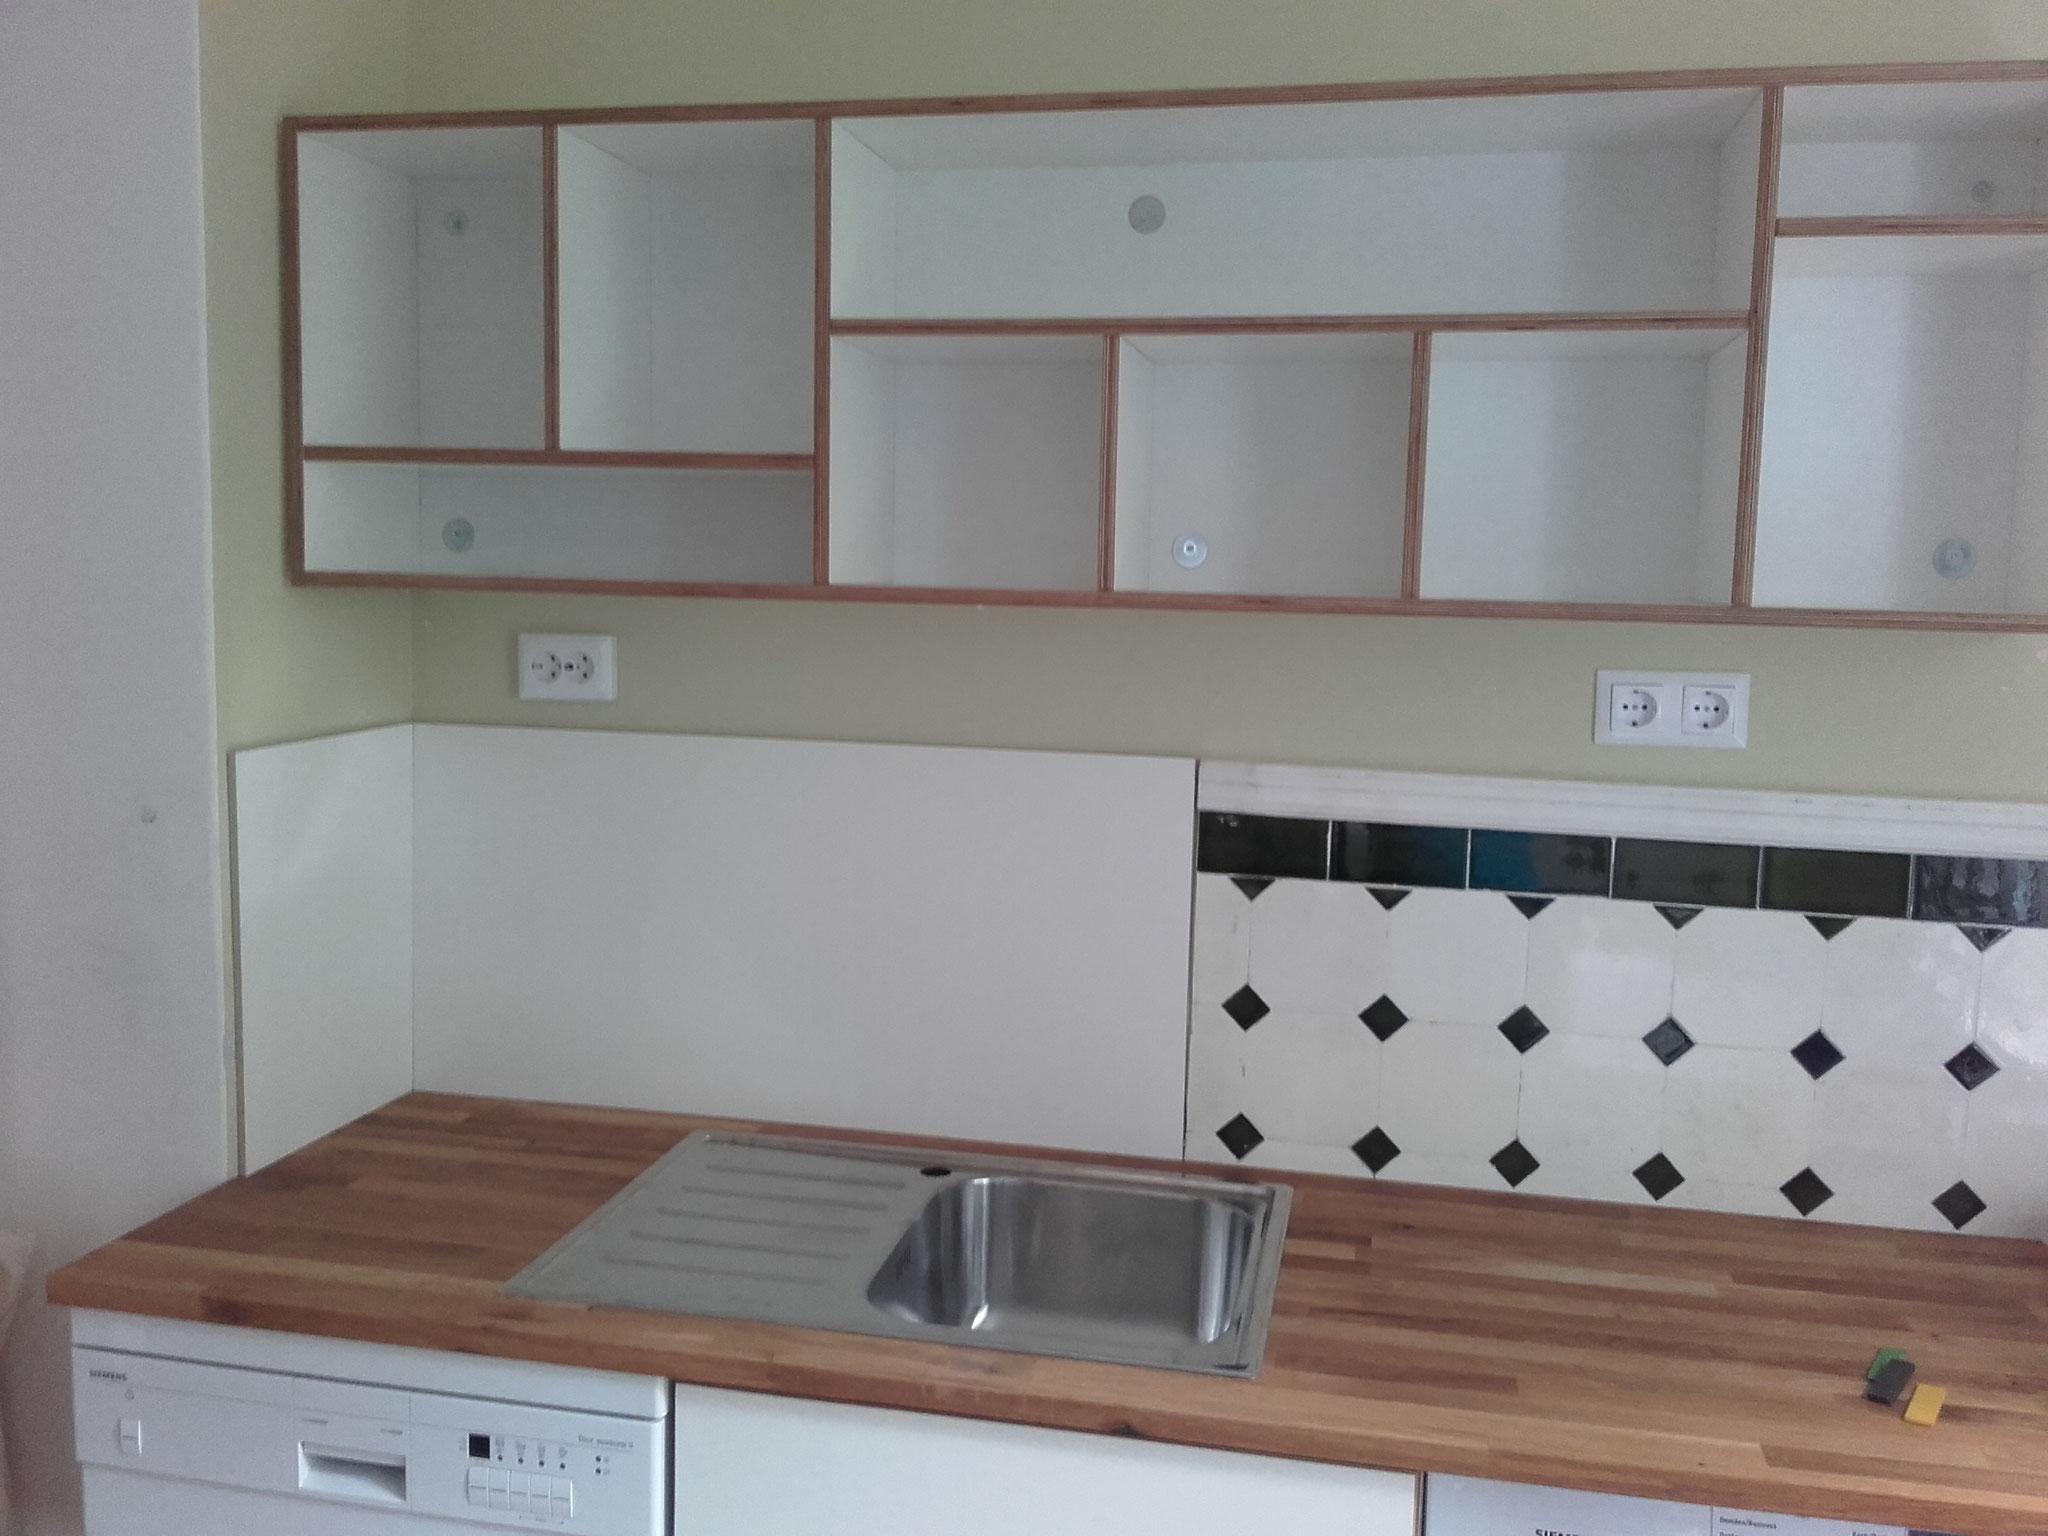 Küchenregal und Schränke aus Birke Multiplex, weiss beschichtet